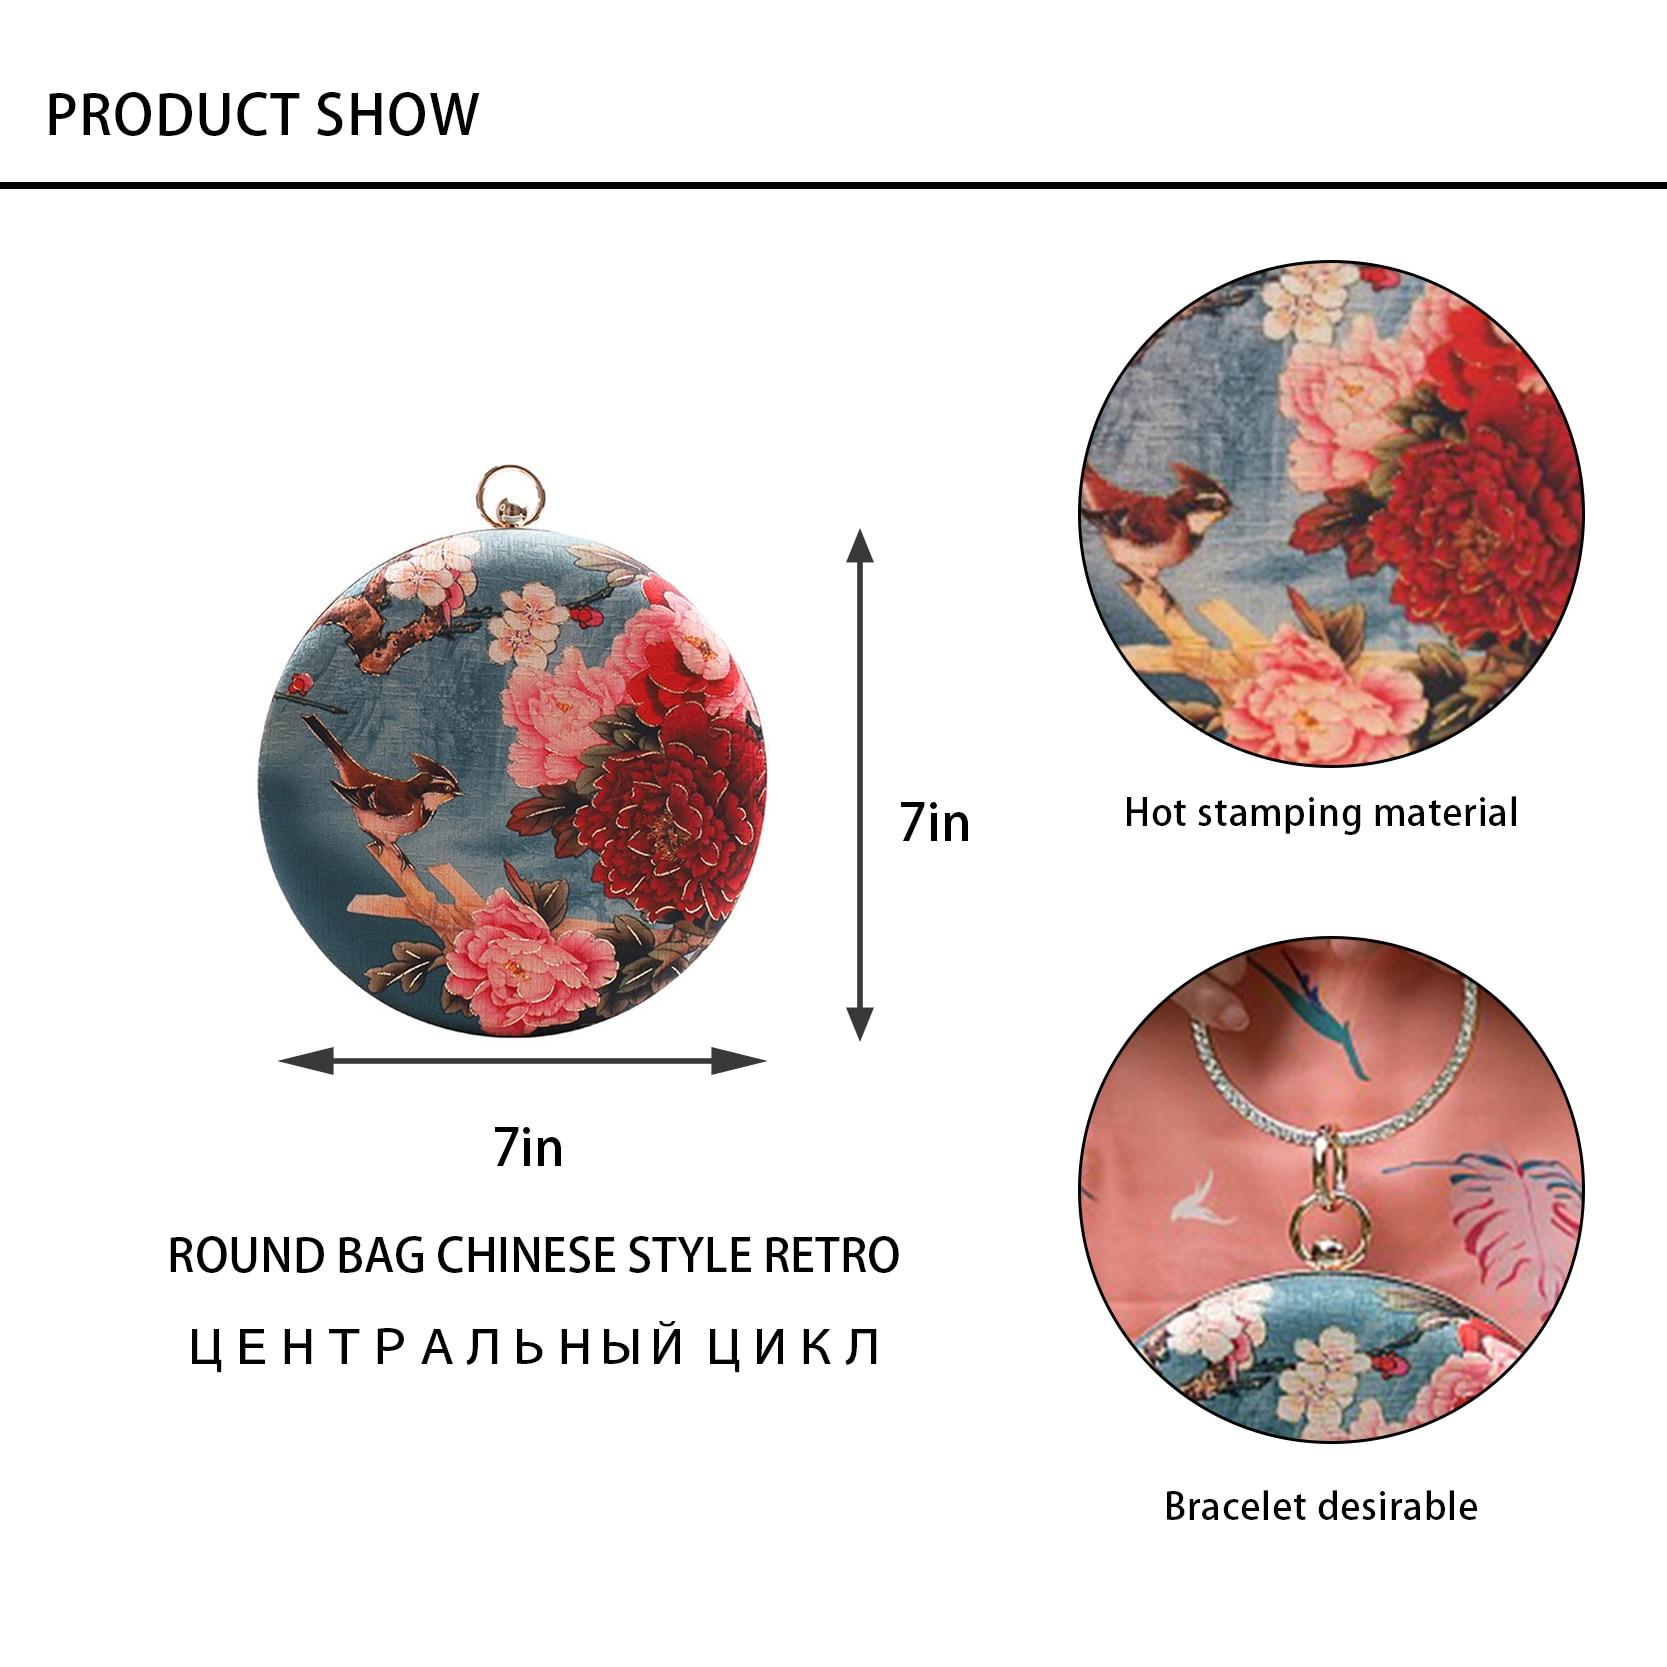 Оригинальная женская дизайнерская ручная сумка круглая в китайском